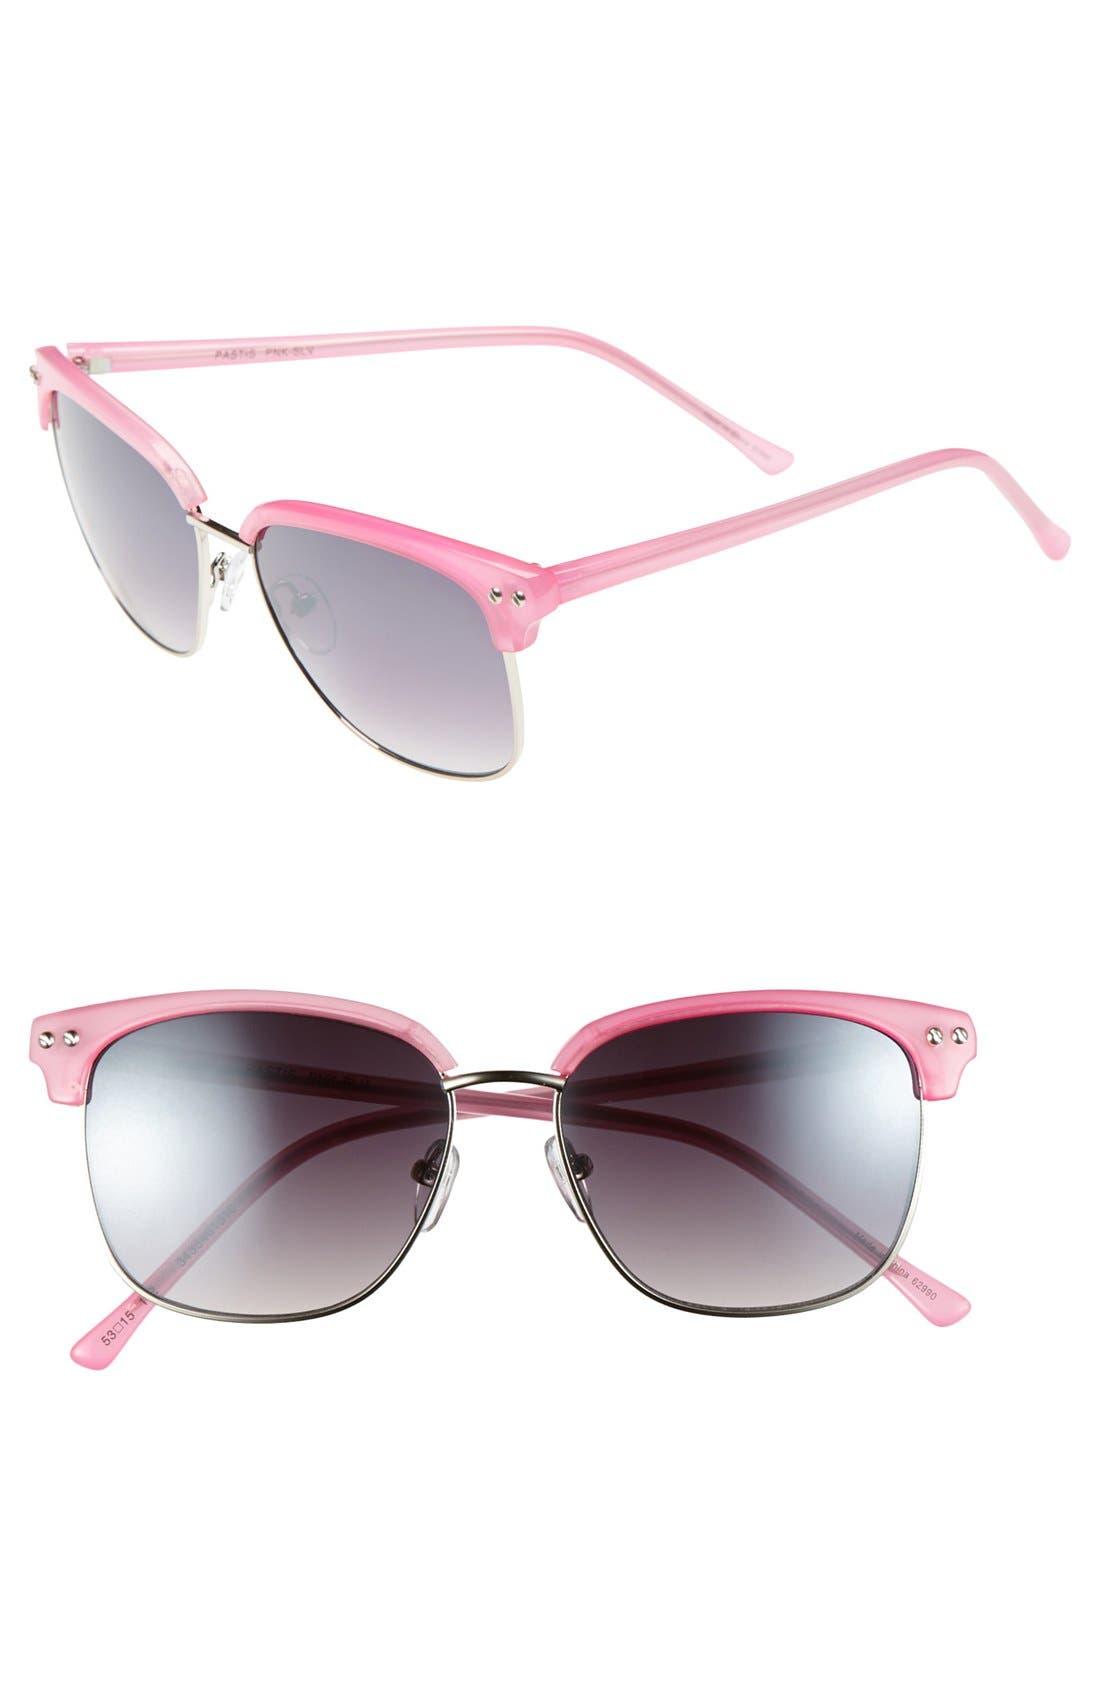 Alternate Image 1 Selected - Outlook Eyewear 'Pastis' 53mm Sunglasses